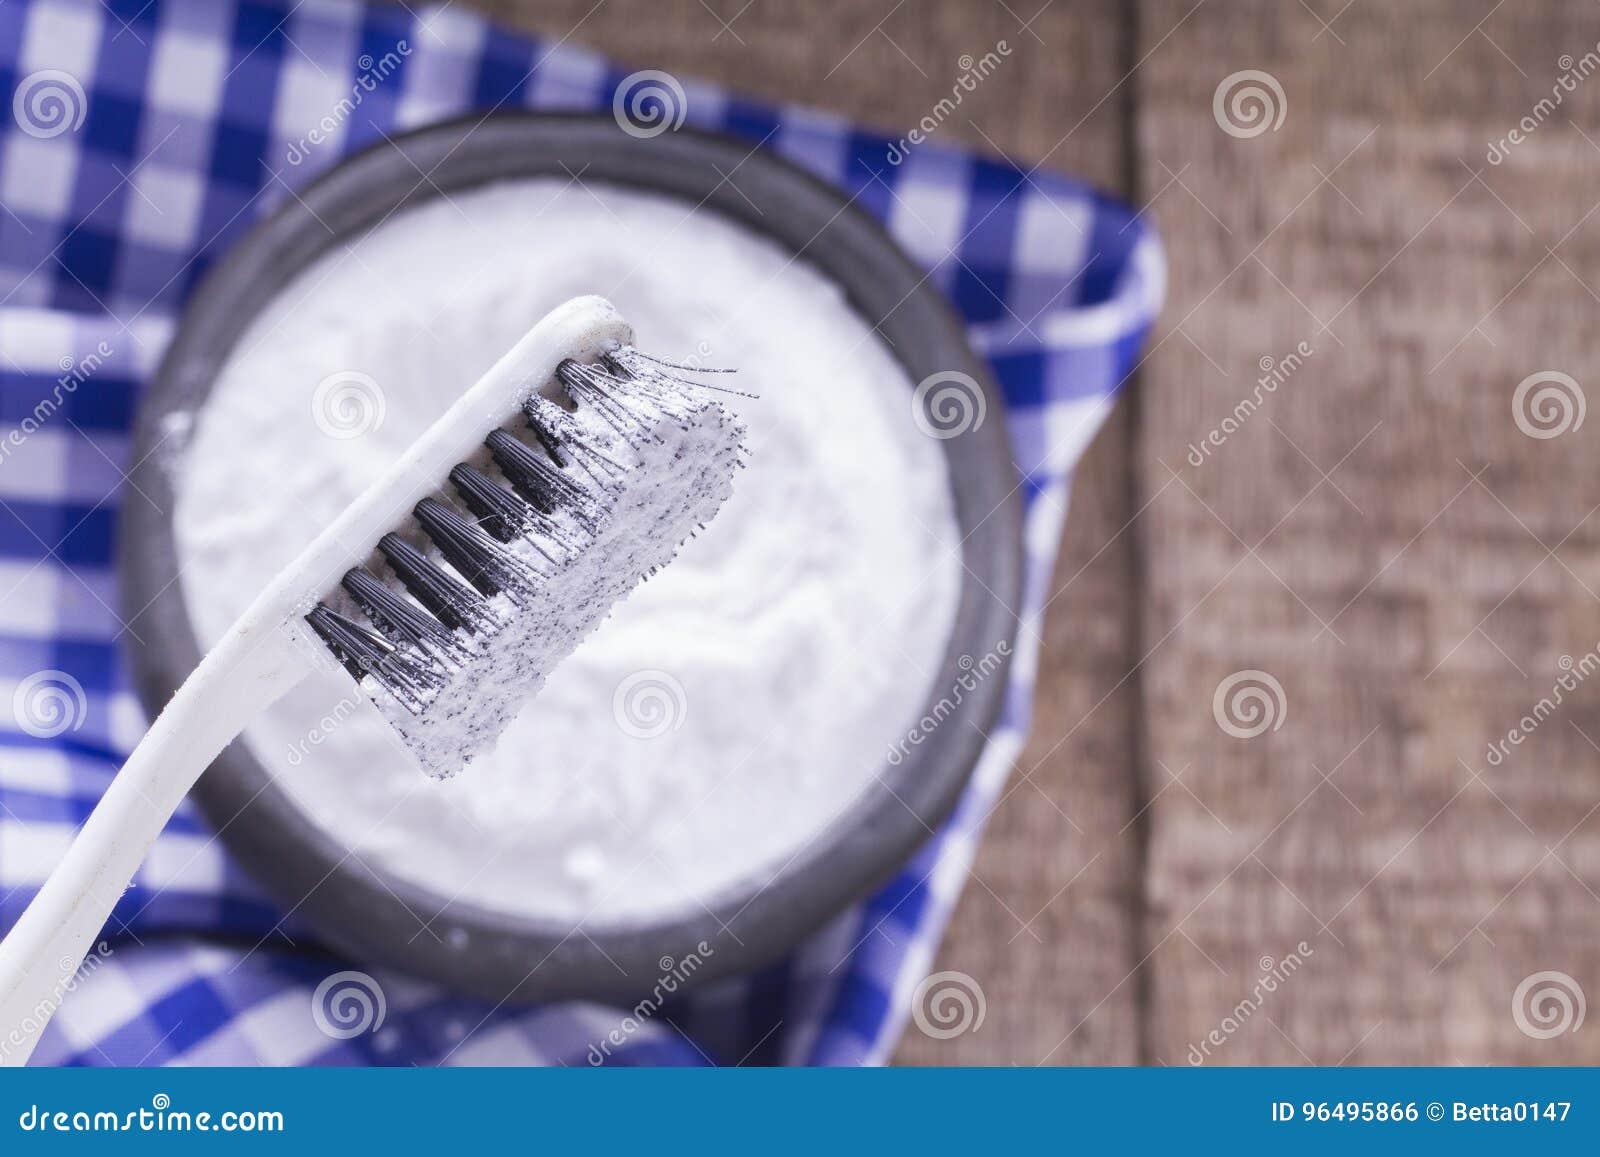 Baking soda and brush